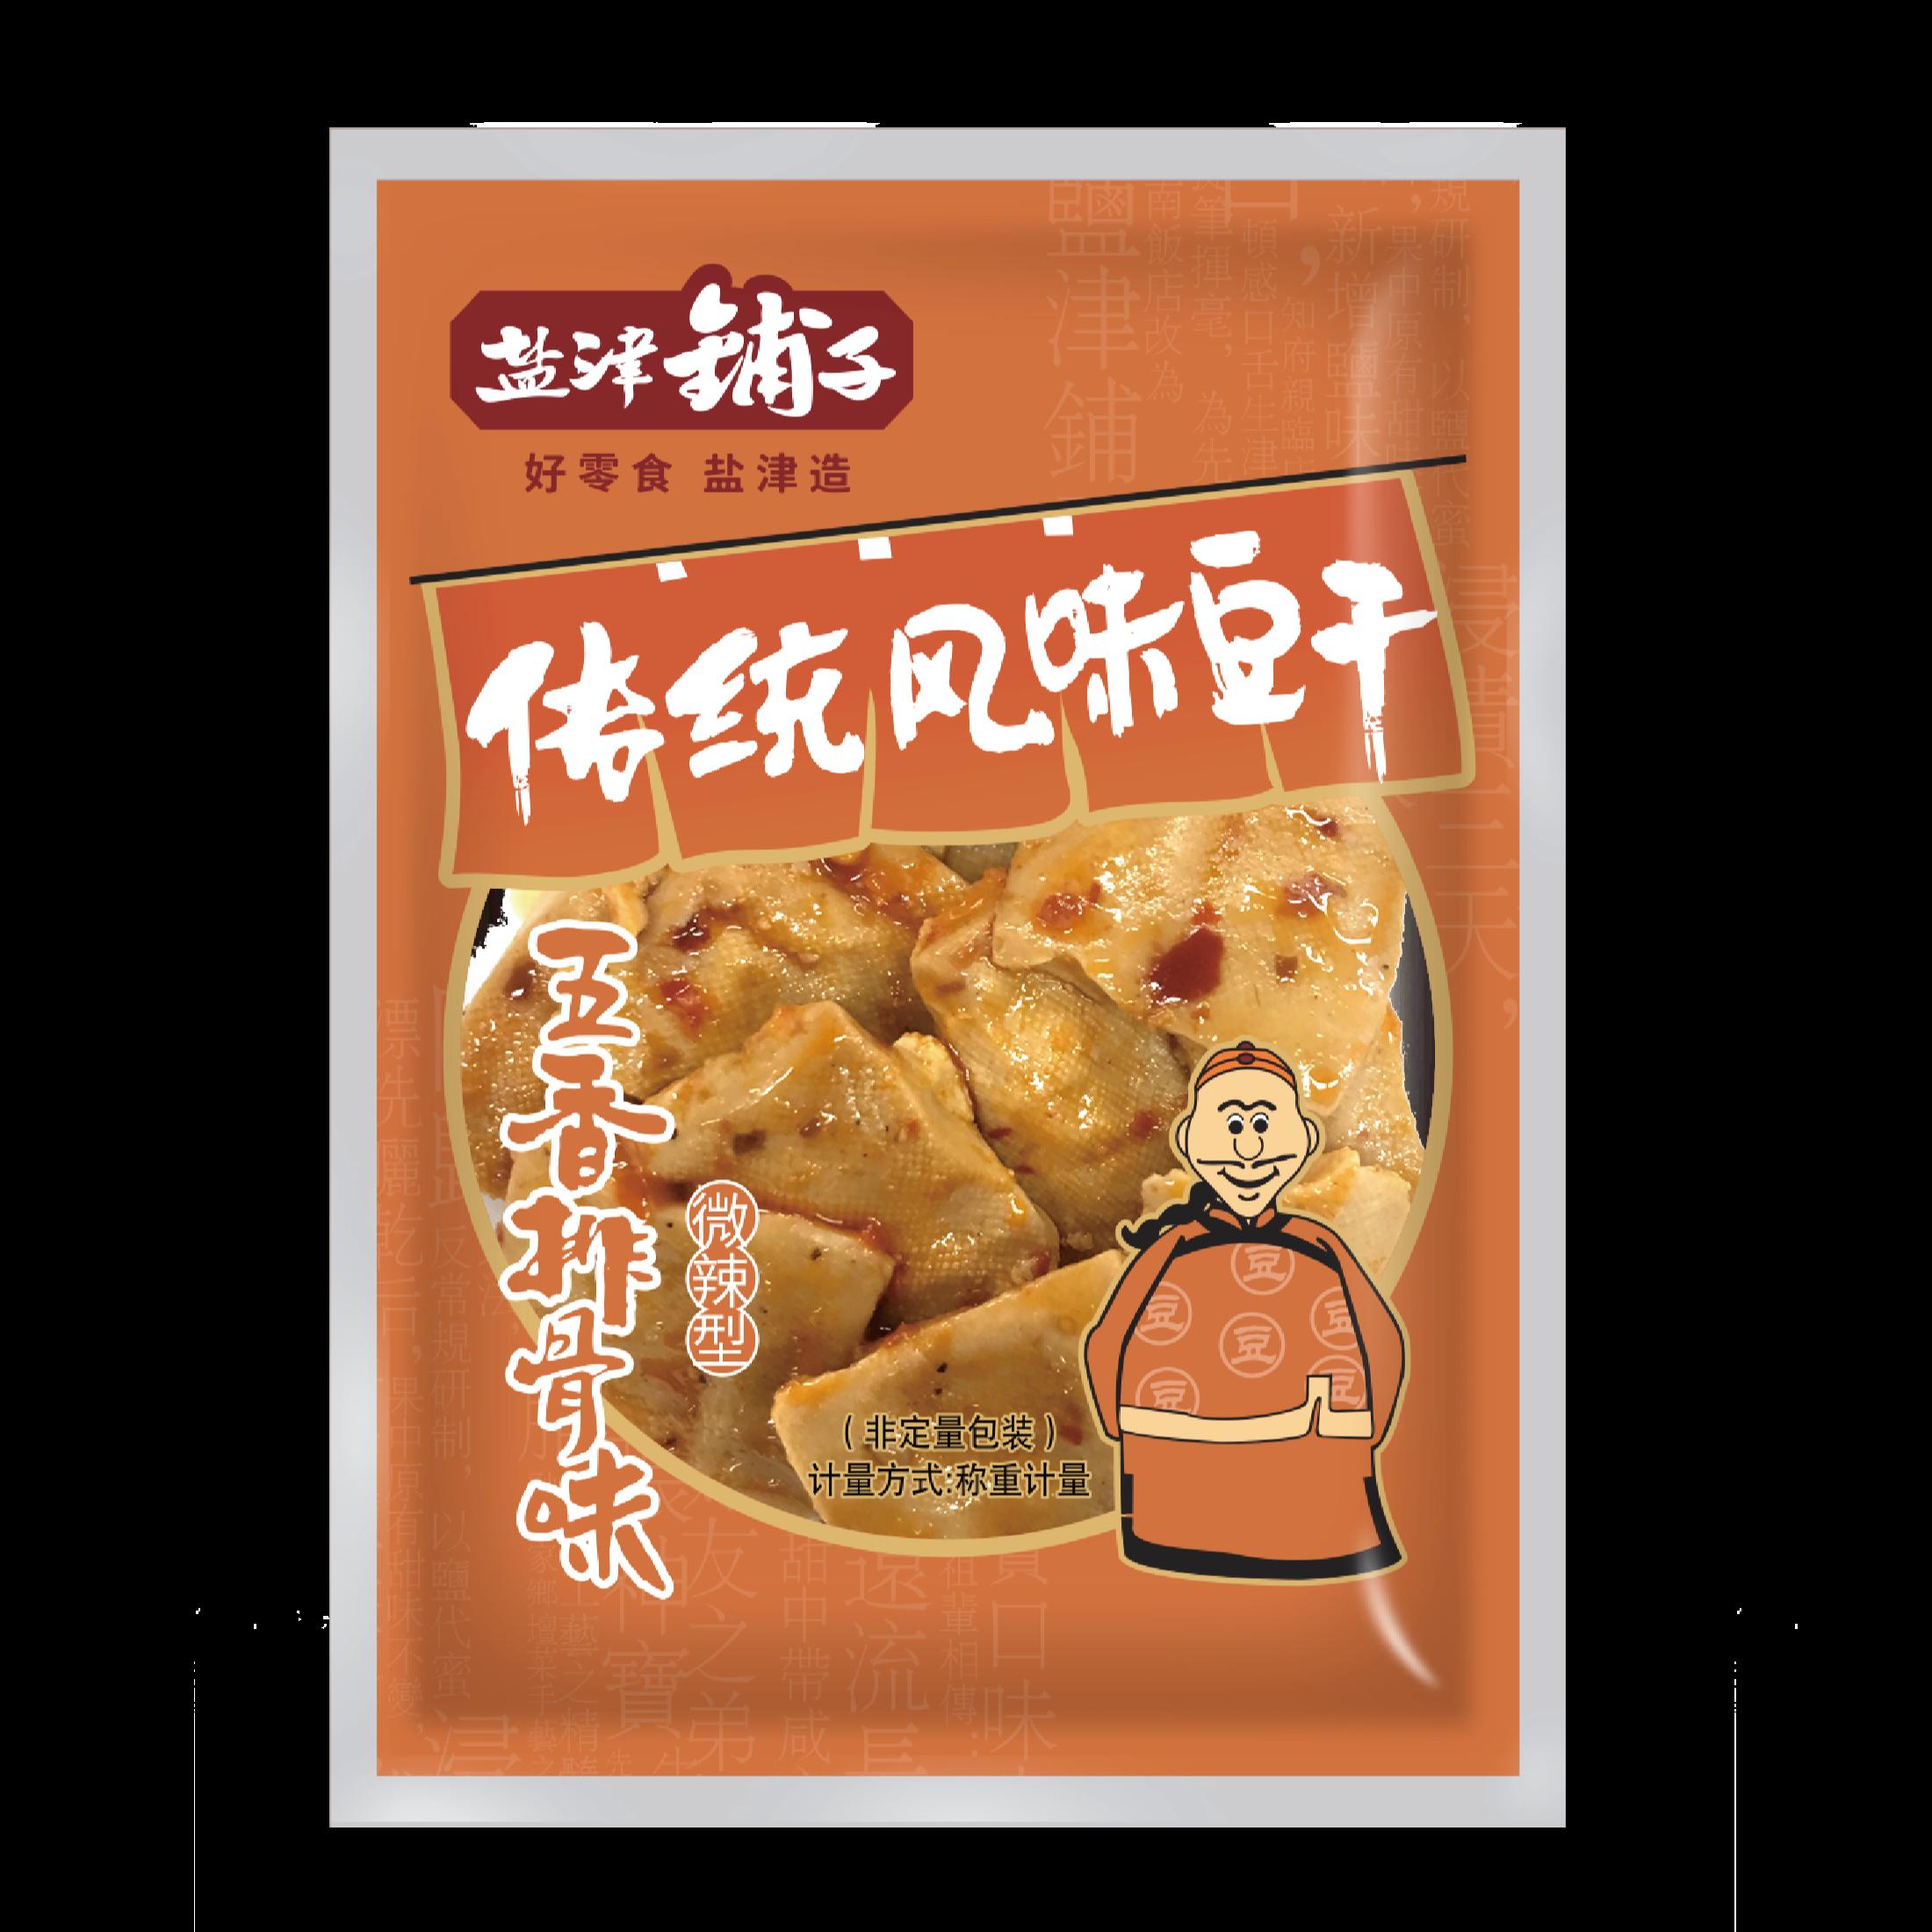 传统风味豆干-五香排骨味